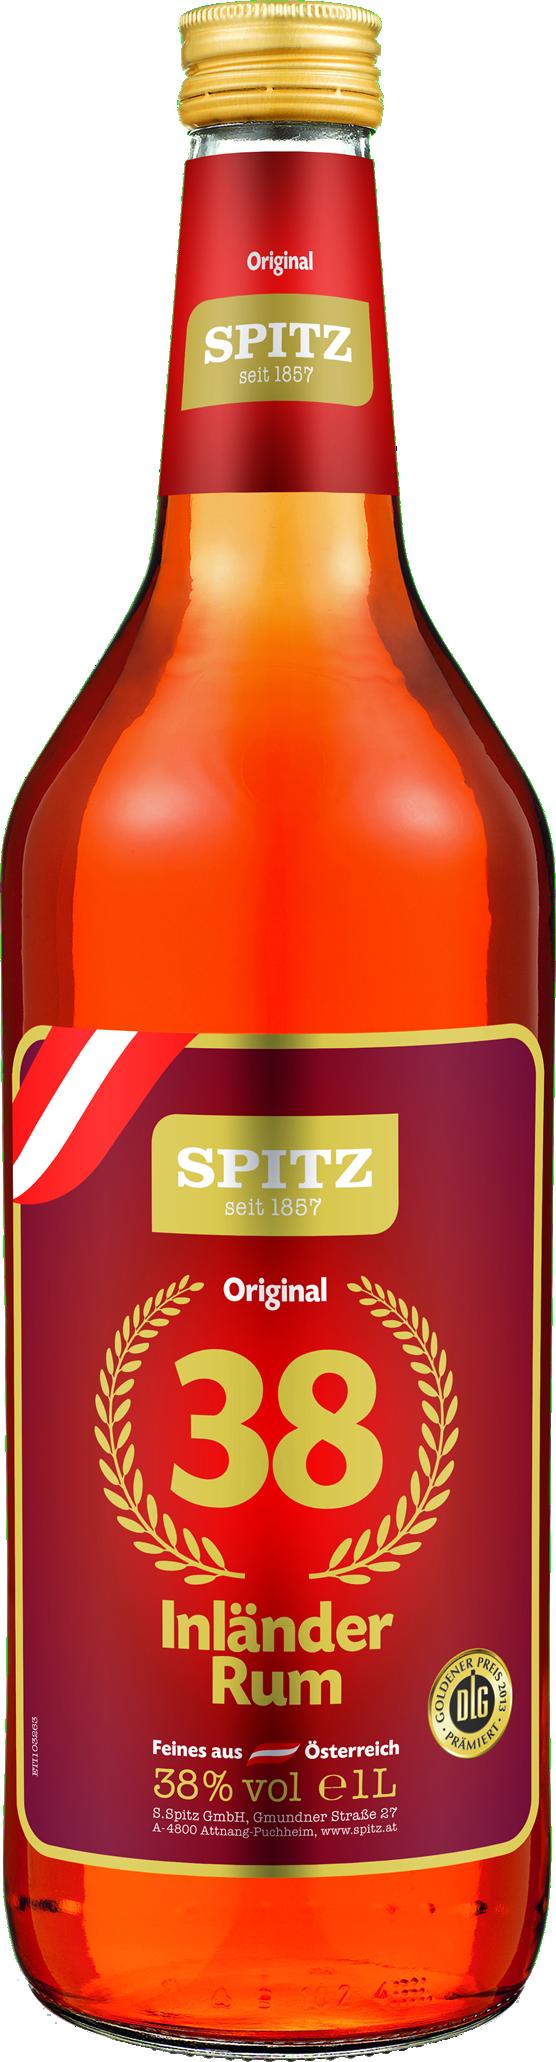 Spitz - Inländerrum